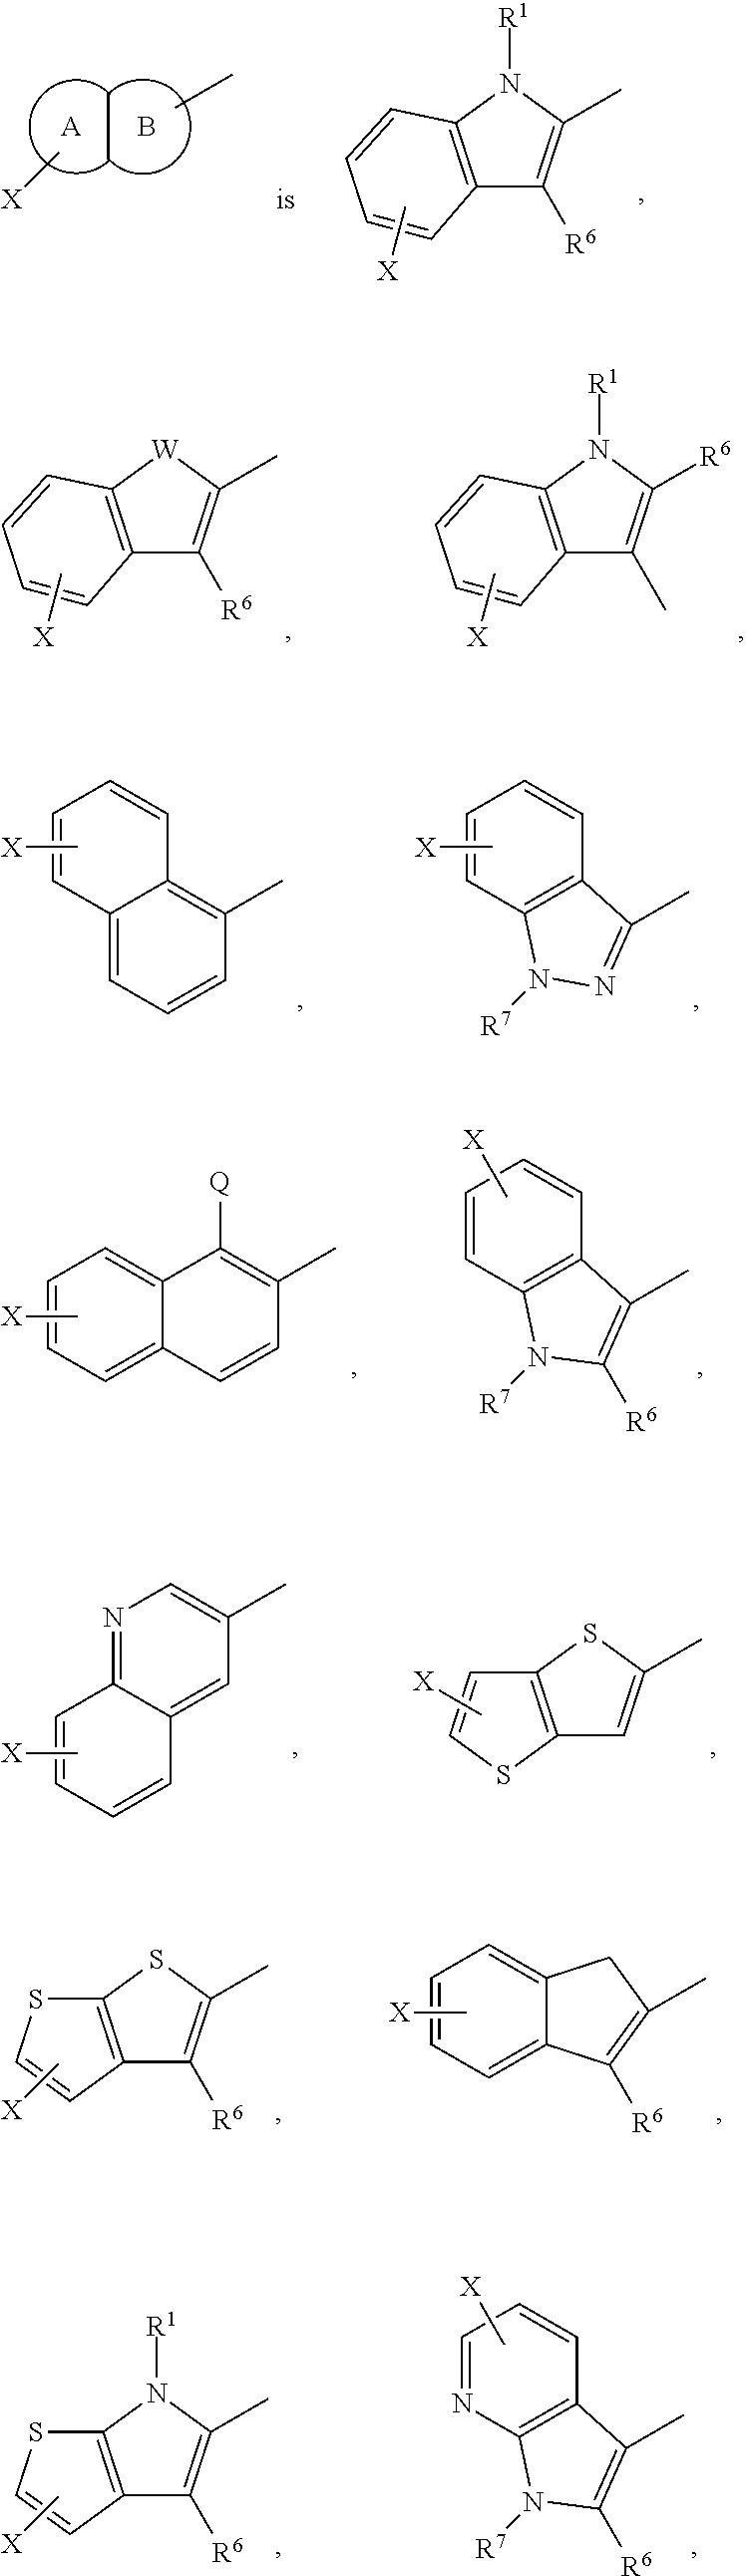 Figure US08173646-20120508-C00002